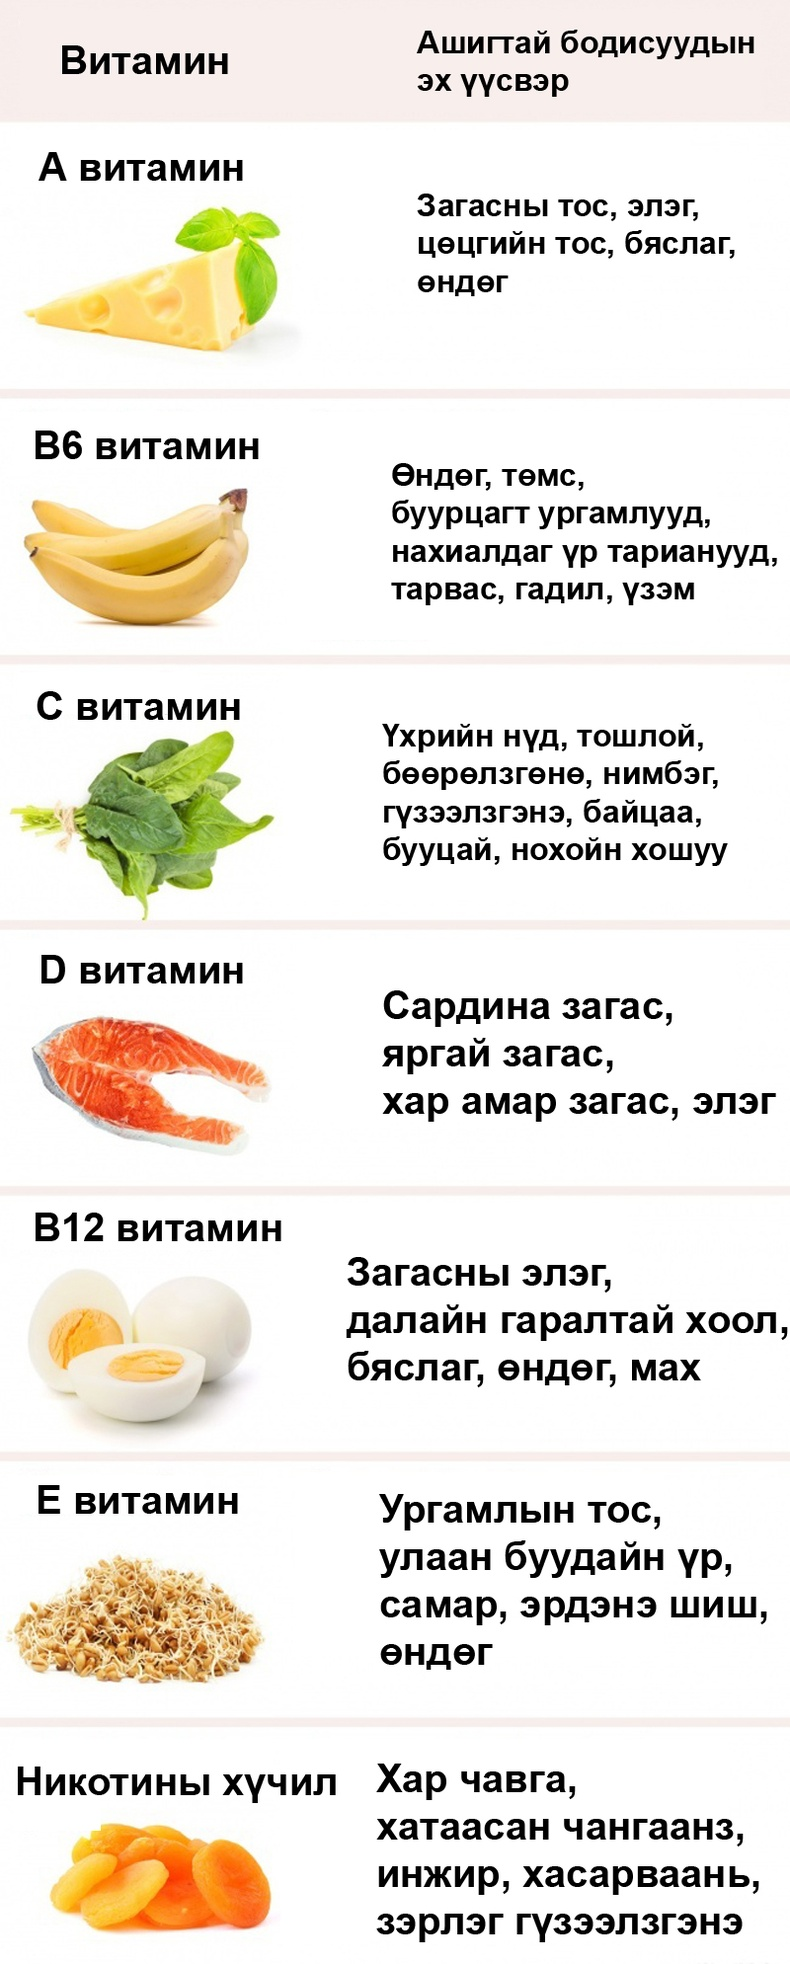 Бүтээгдэхүүн дэх витамины агууламж